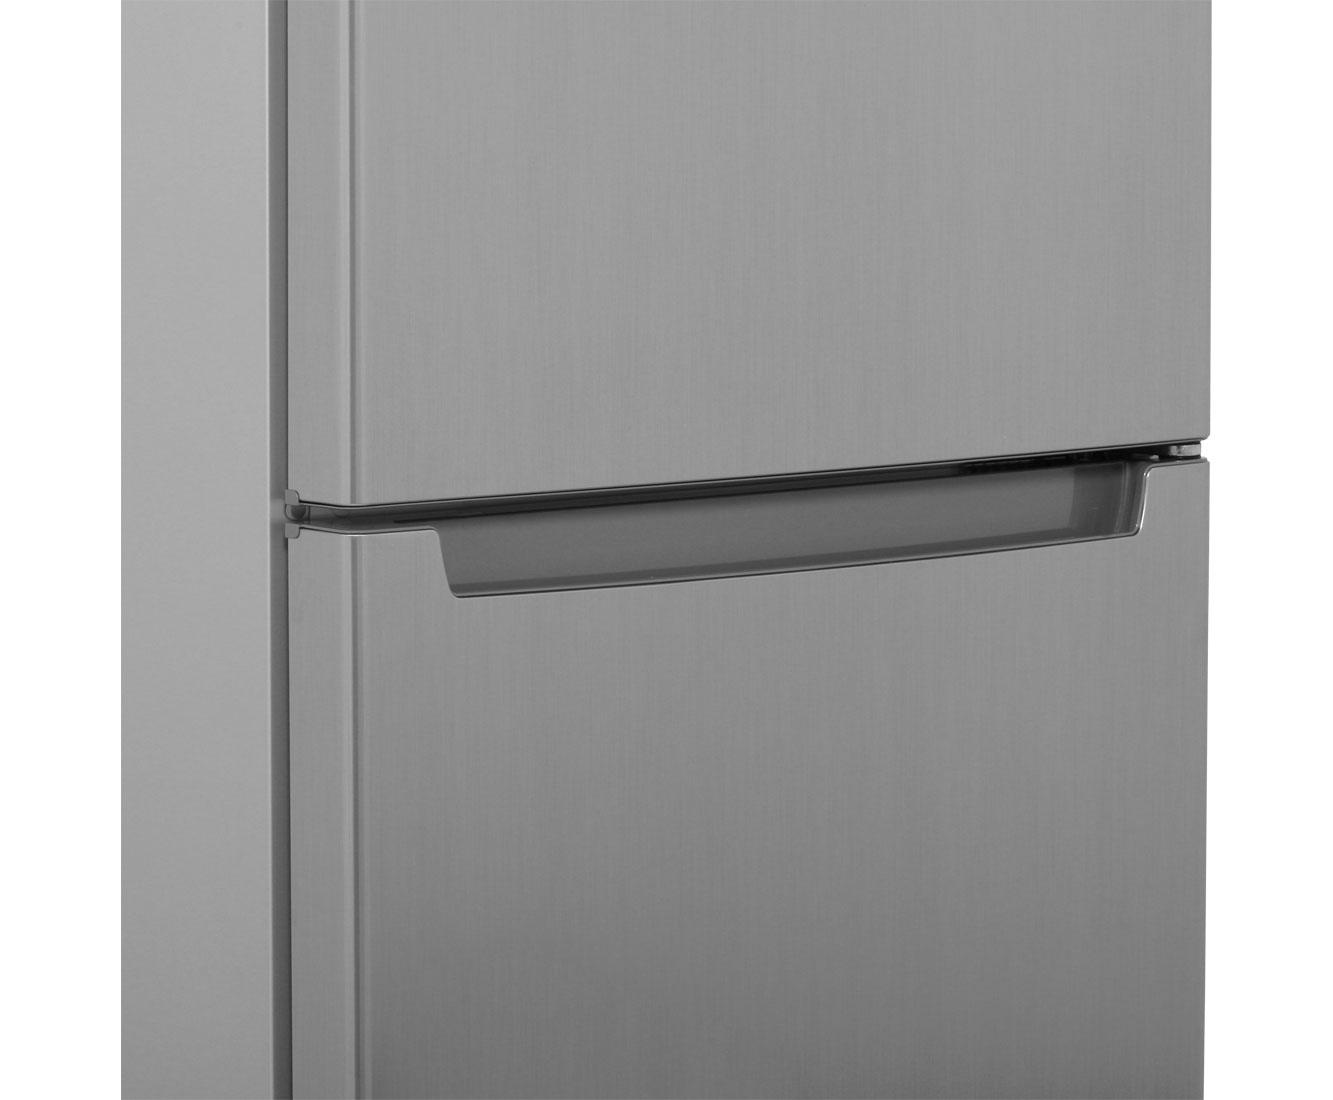 Aeg Kühlschrank Tür Einstellen : Siemens einbau geschirrspüler tür einstellen: siemens geschirrspüler